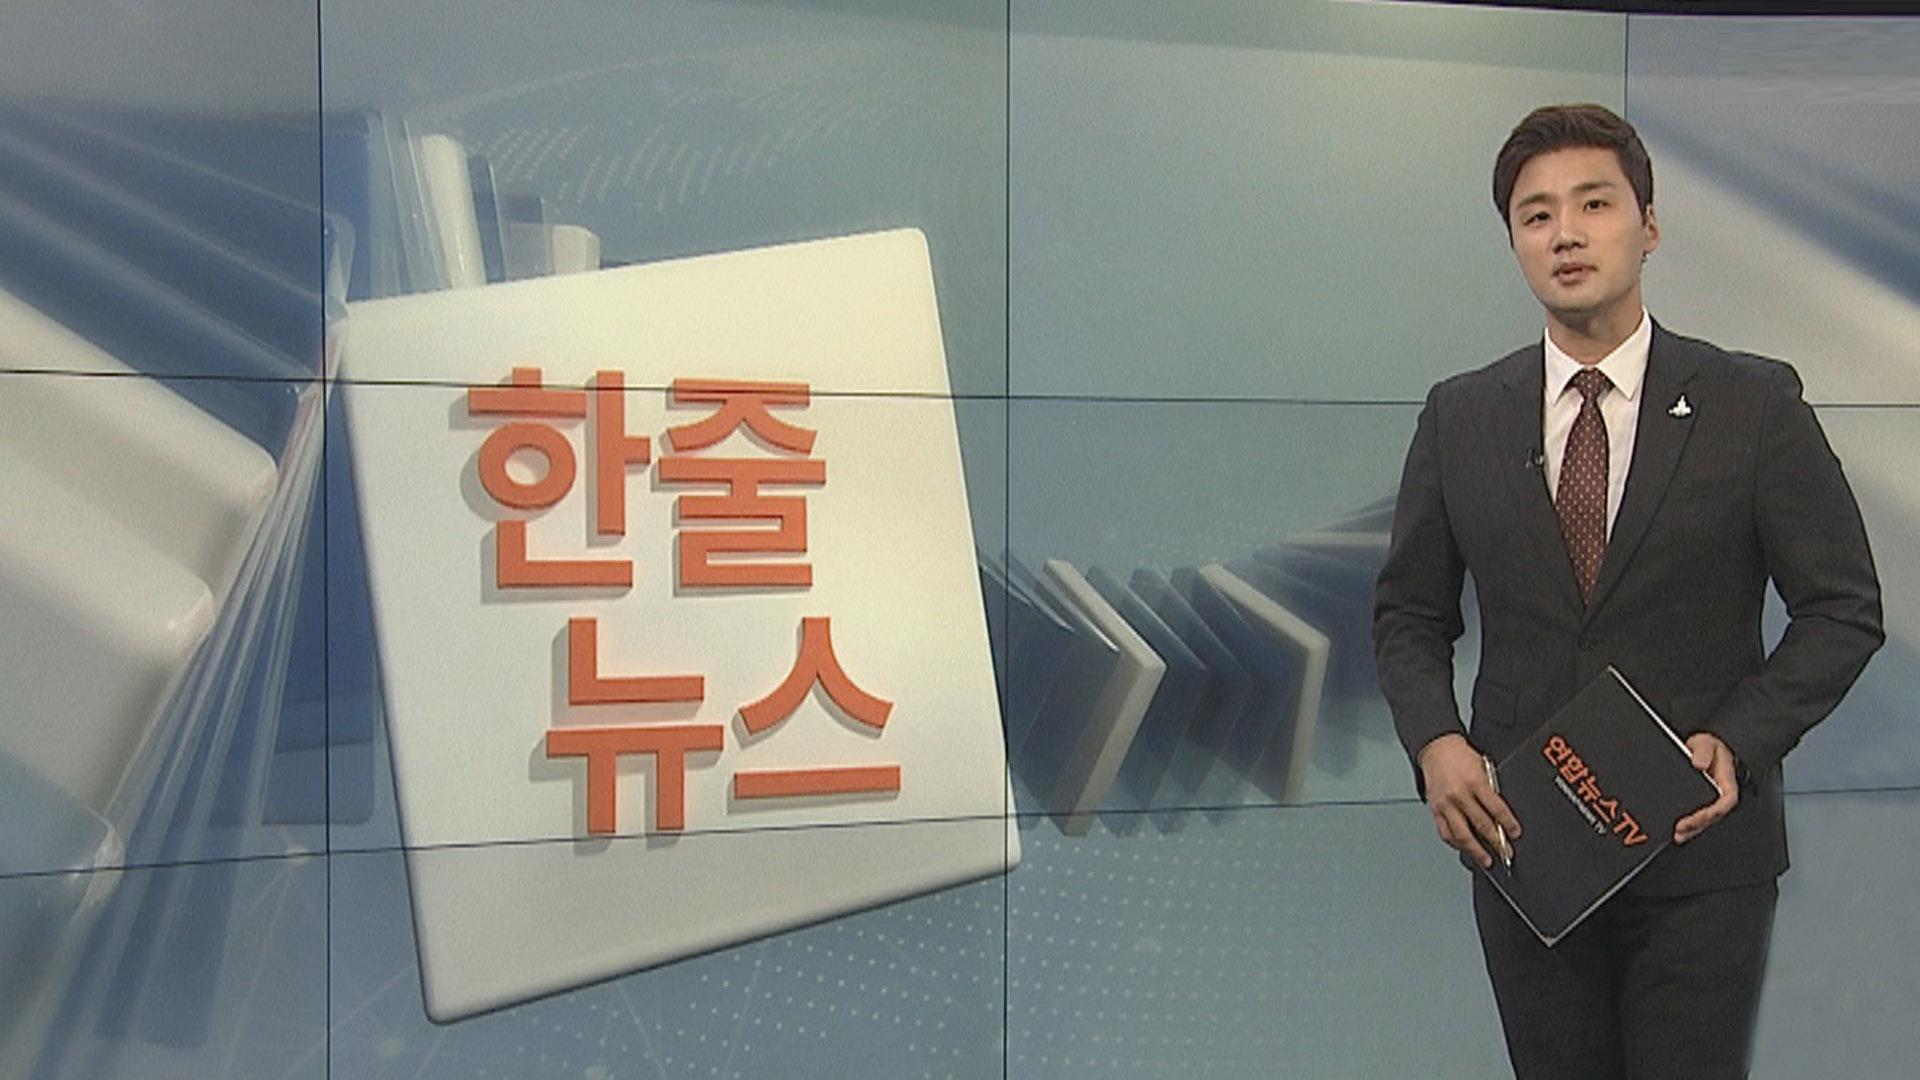 [한줄뉴스] '회계부정' 구속기소 <em class='find'>정정순</em> 의원 보석 신청 外